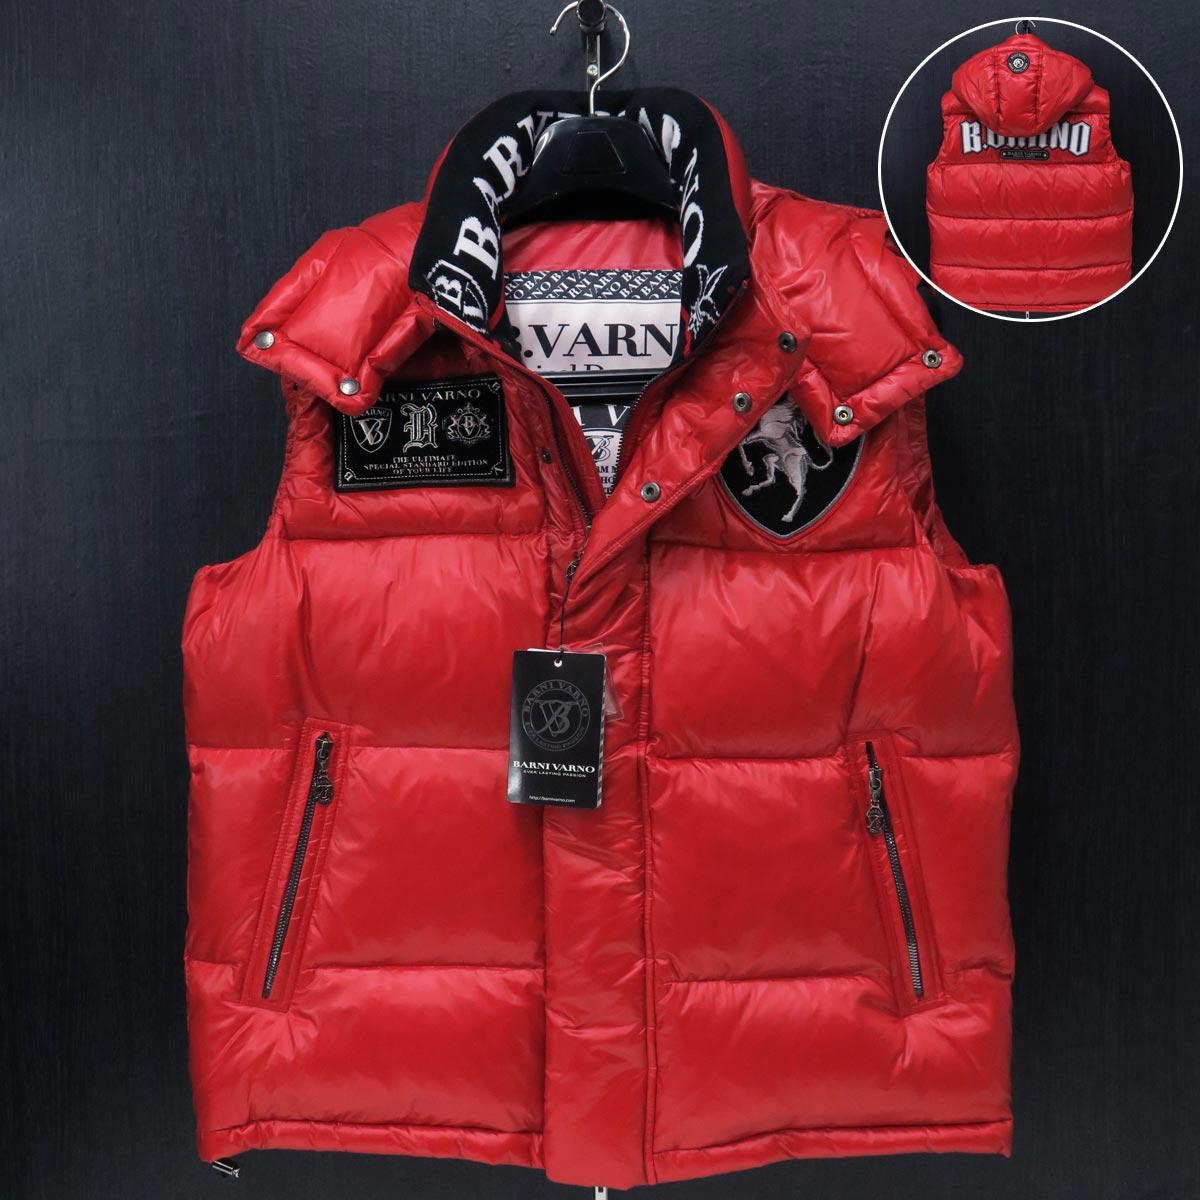 バーニヴァーノ ユニコーンアップリケ刺繍ダウンベスト 赤 Lサイズ BAW-IDV3405-45